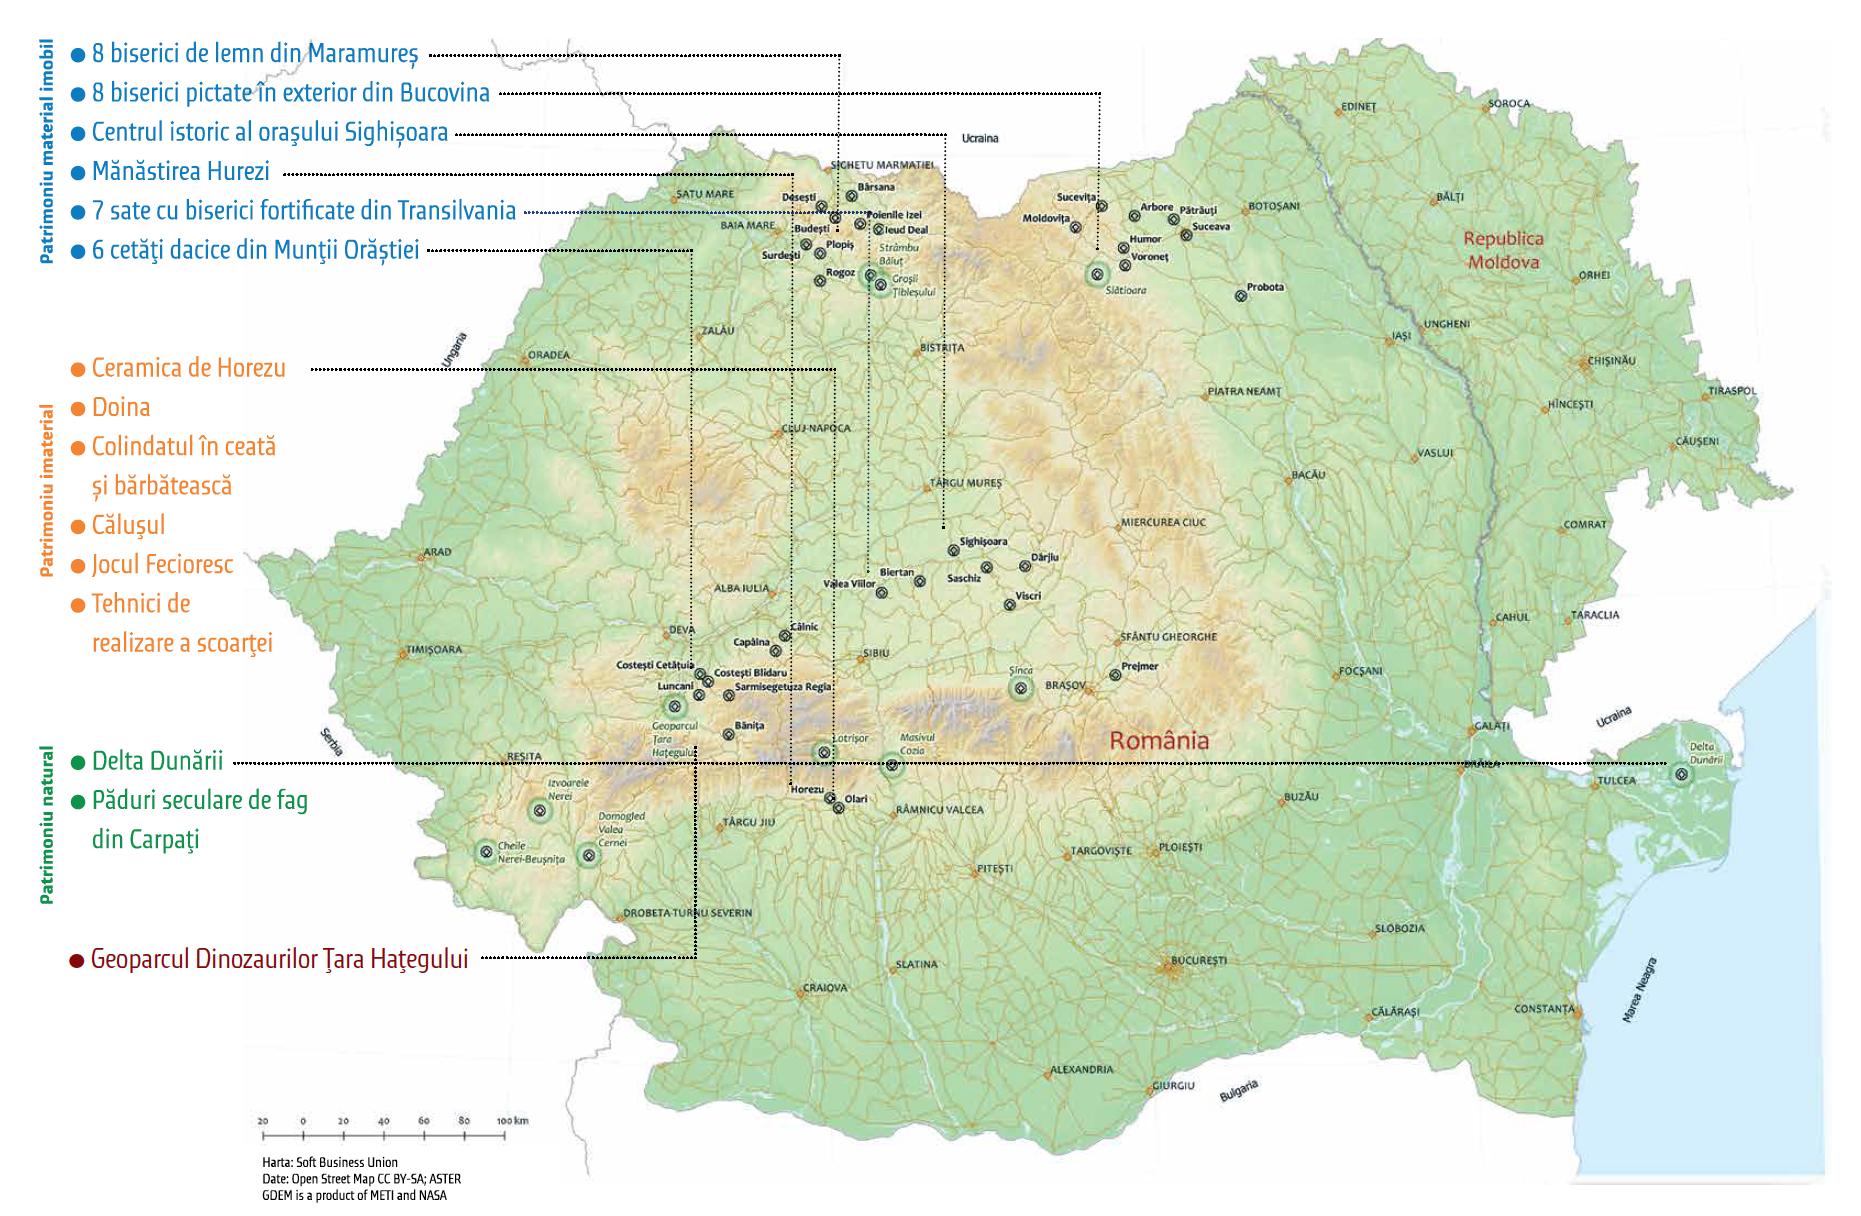 harta patrimoniului Unesco romania